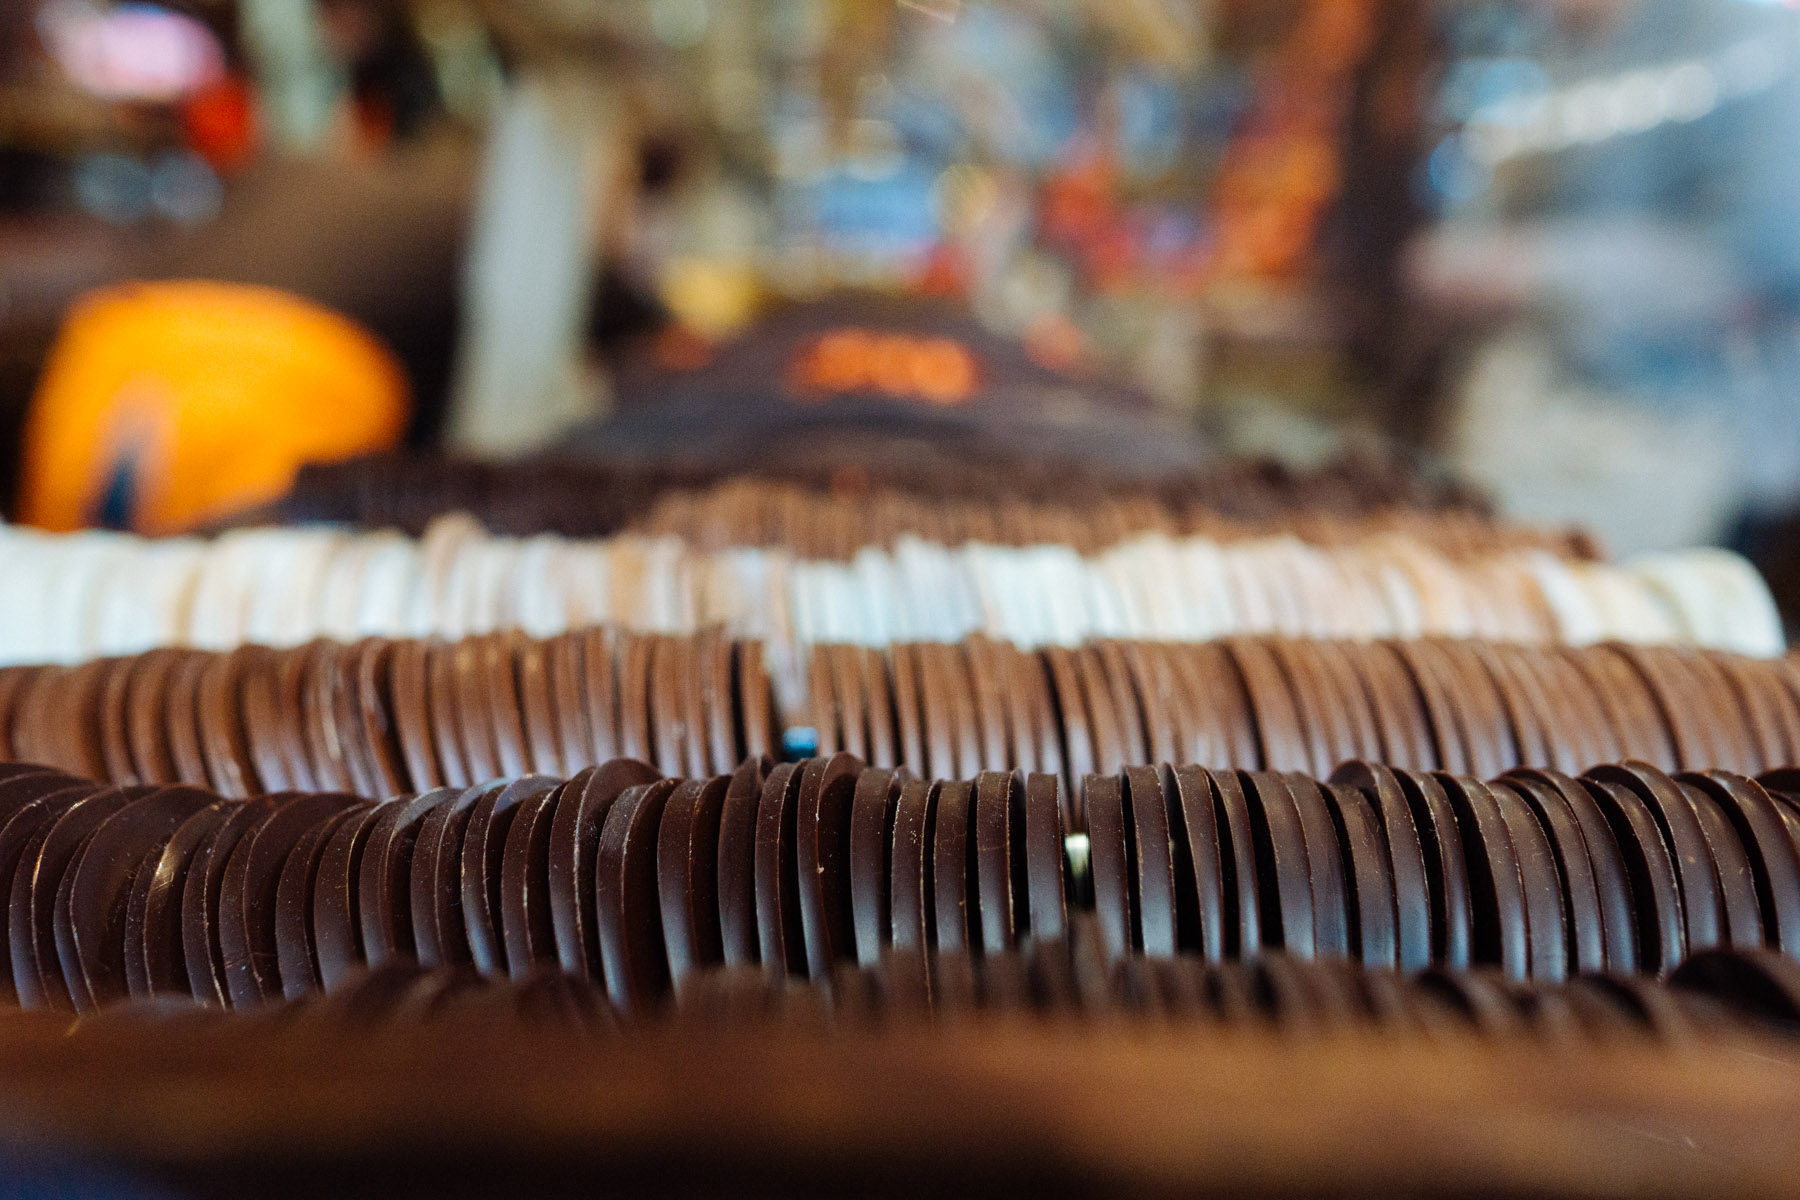 a-la-mere-de-famille-paris-best-candy-shop-confectionary-chocolate-23